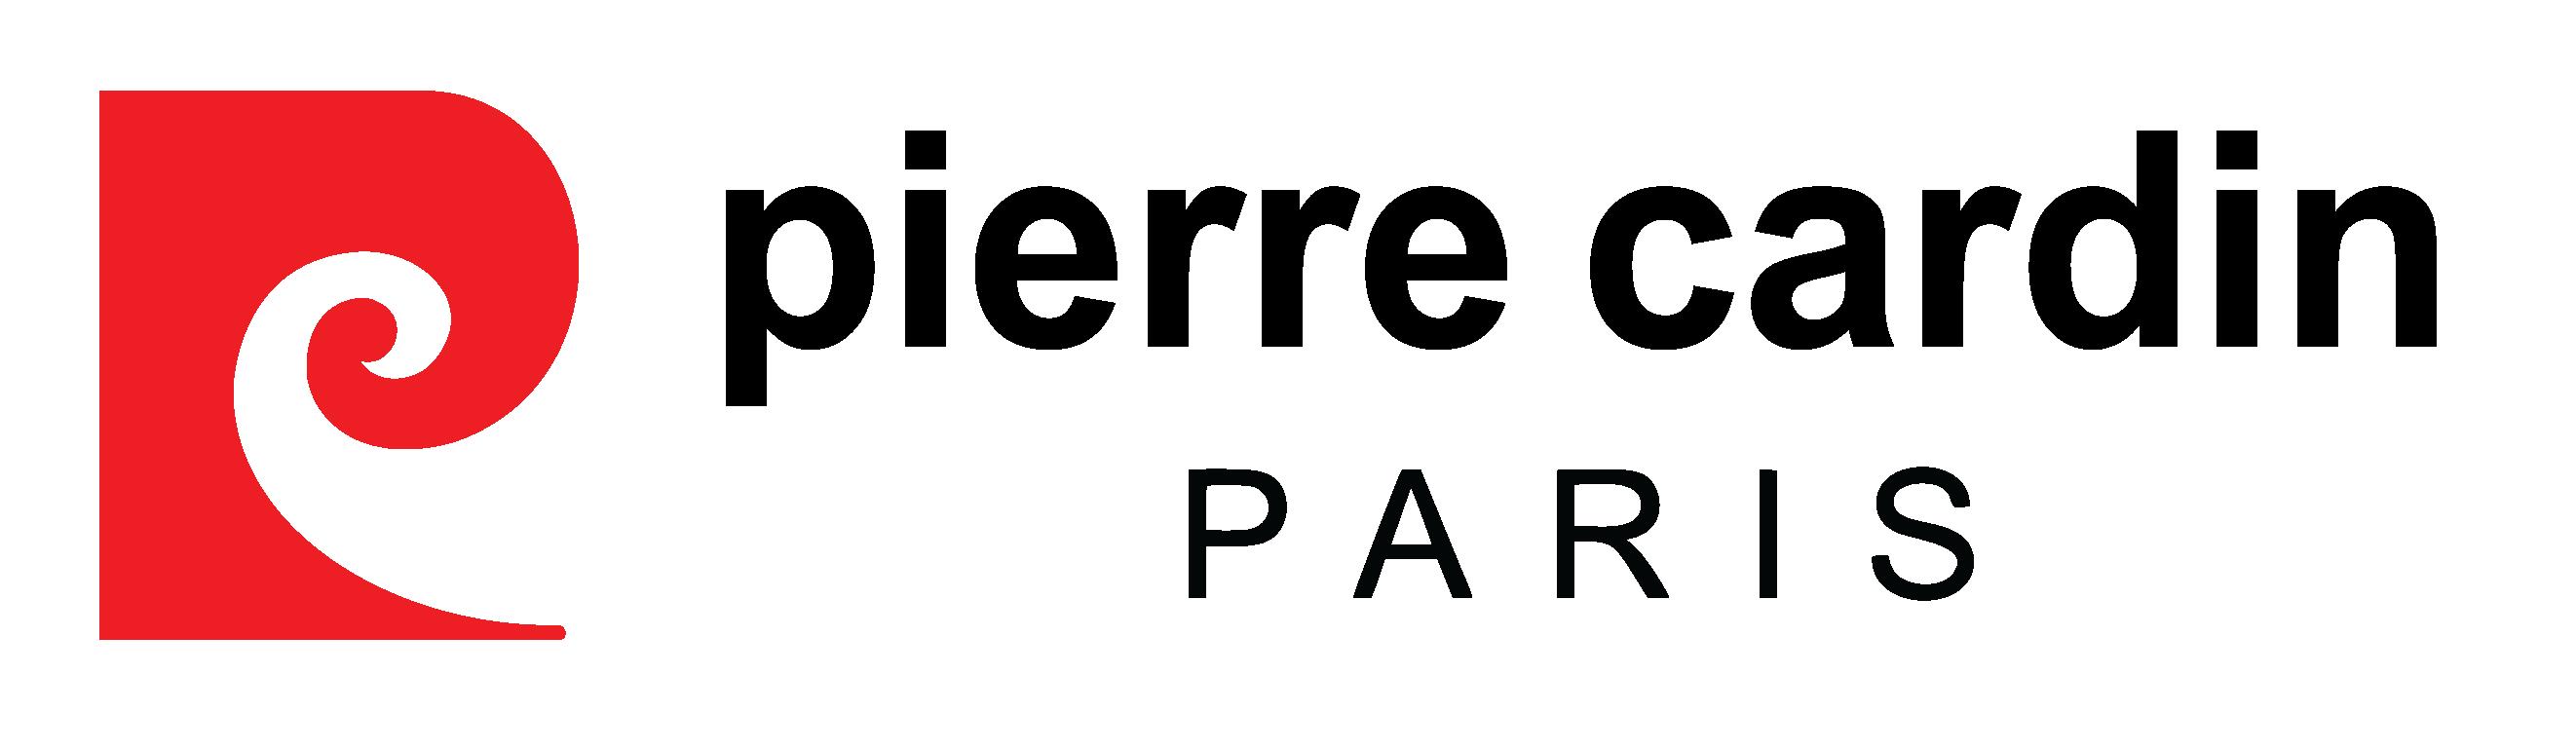 Pierre Cardin Online Store.